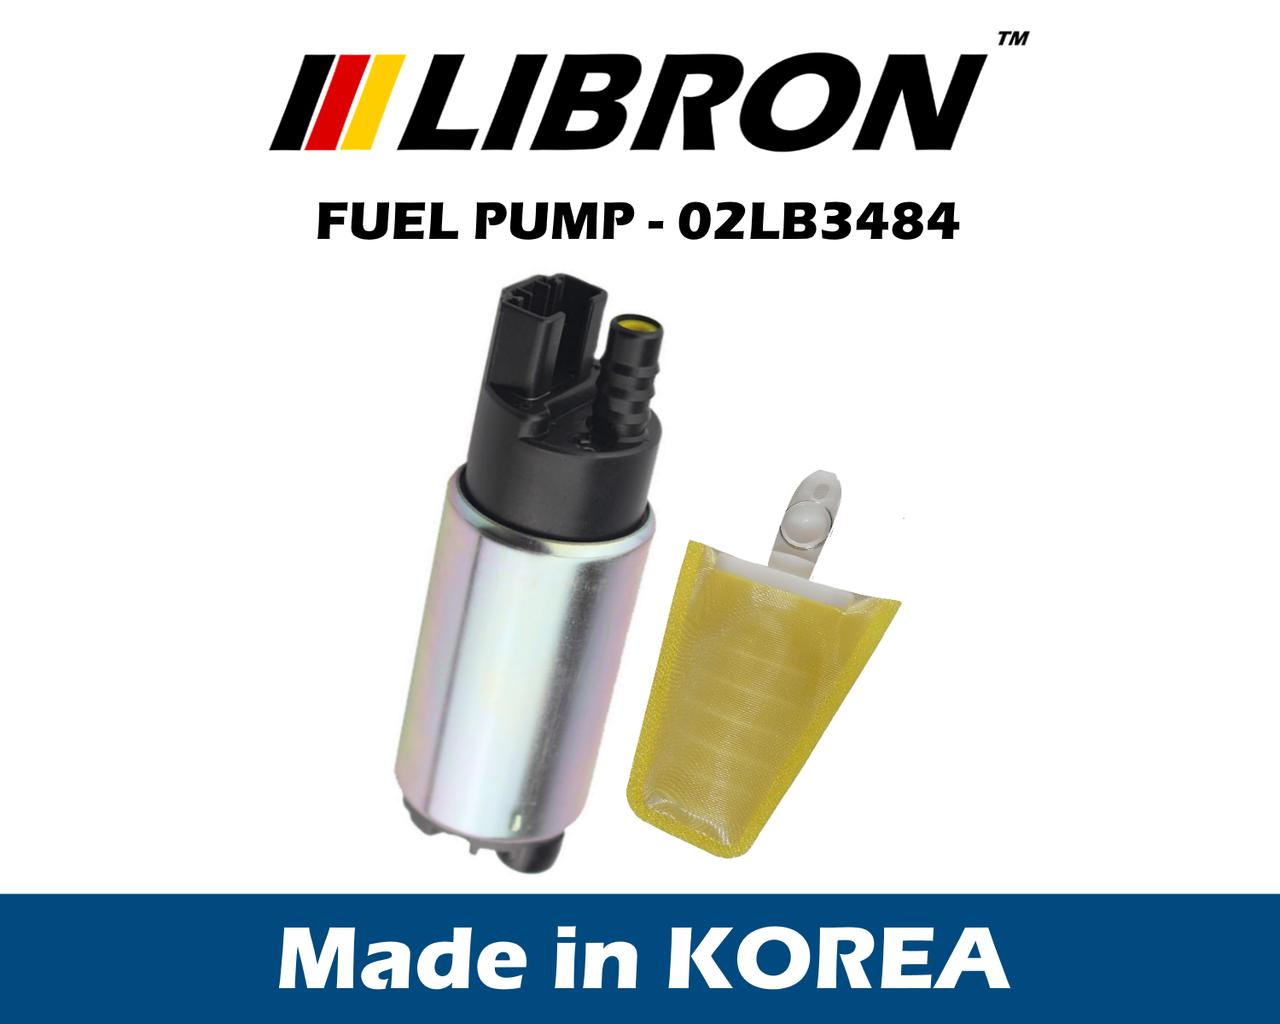 Топливный насос LIBRON 02LB3484 - HONDA ACCORD IV Aerodeck